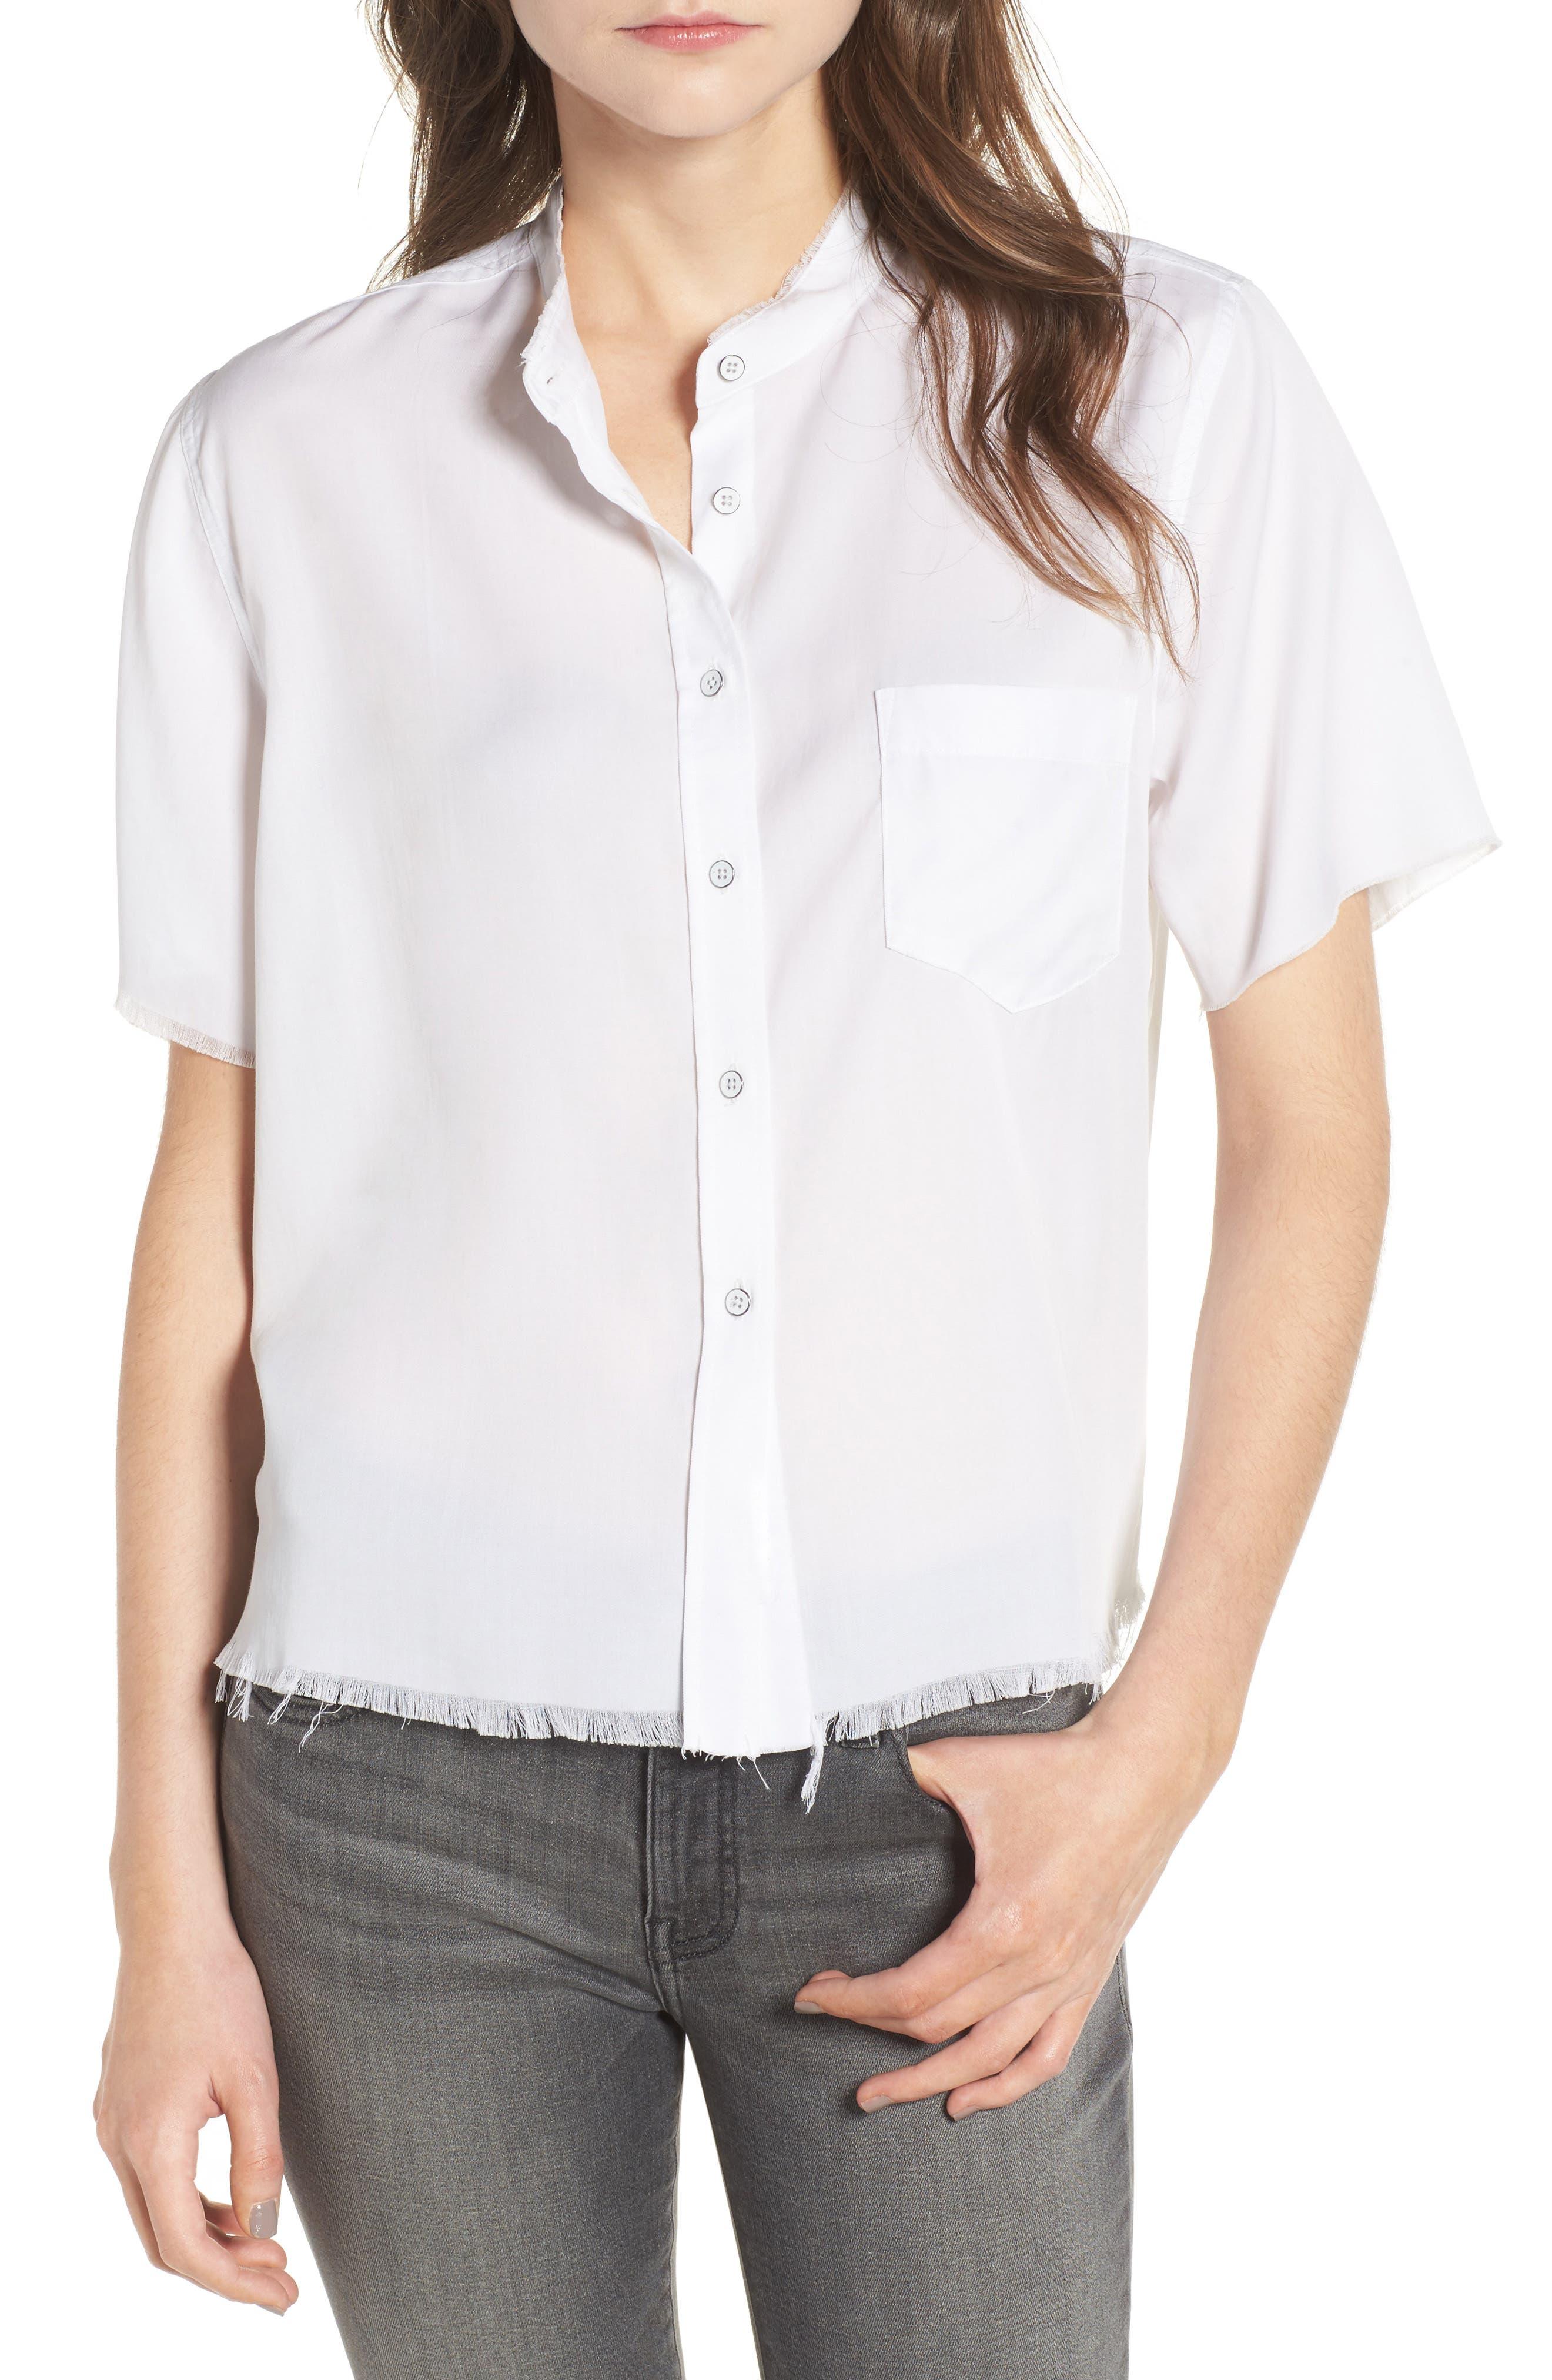 Montauk Shirt,                             Main thumbnail 1, color,                             100